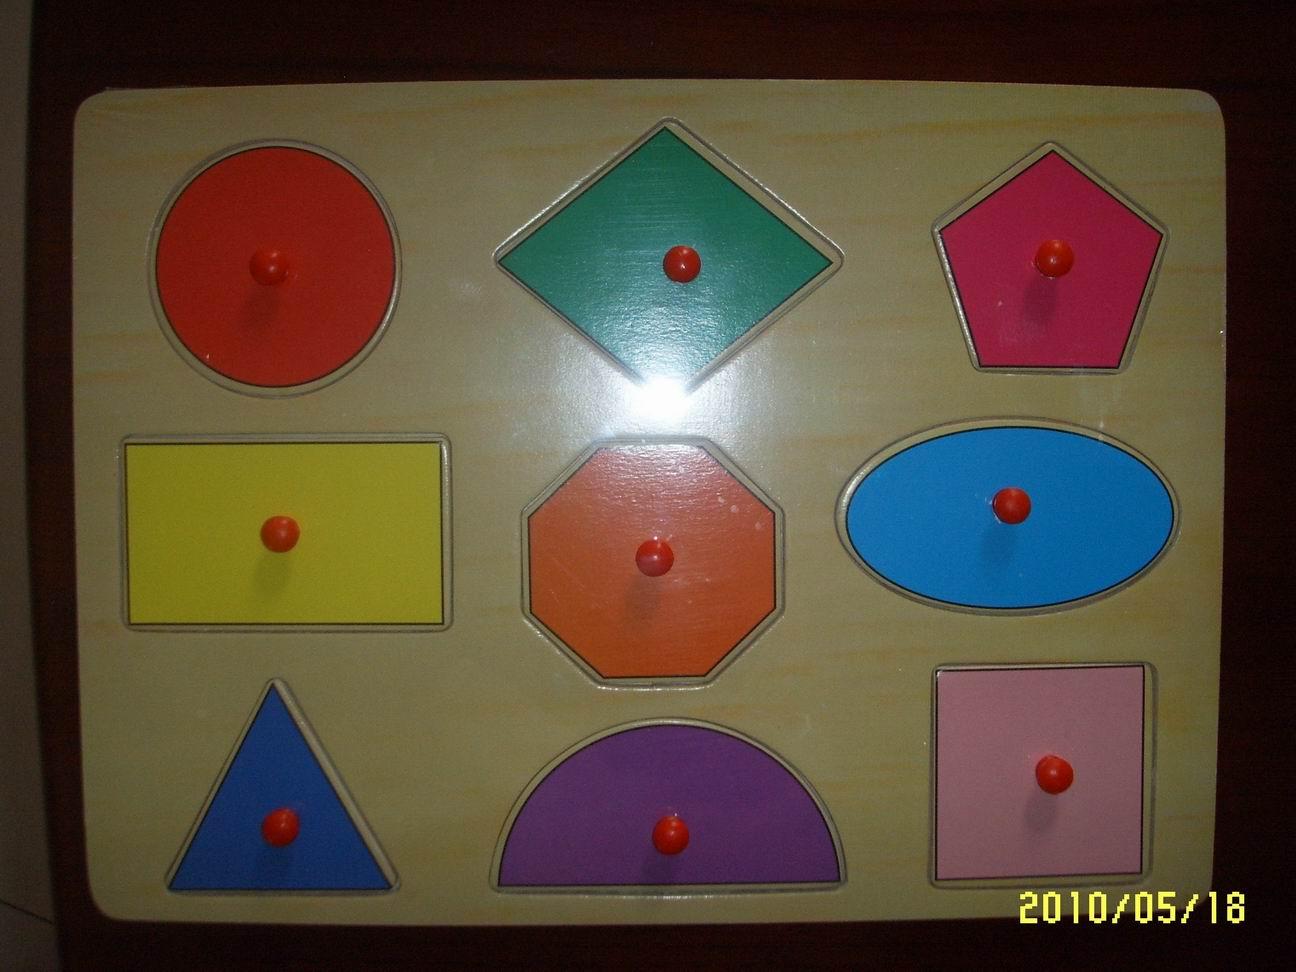 几何图形拼图图片